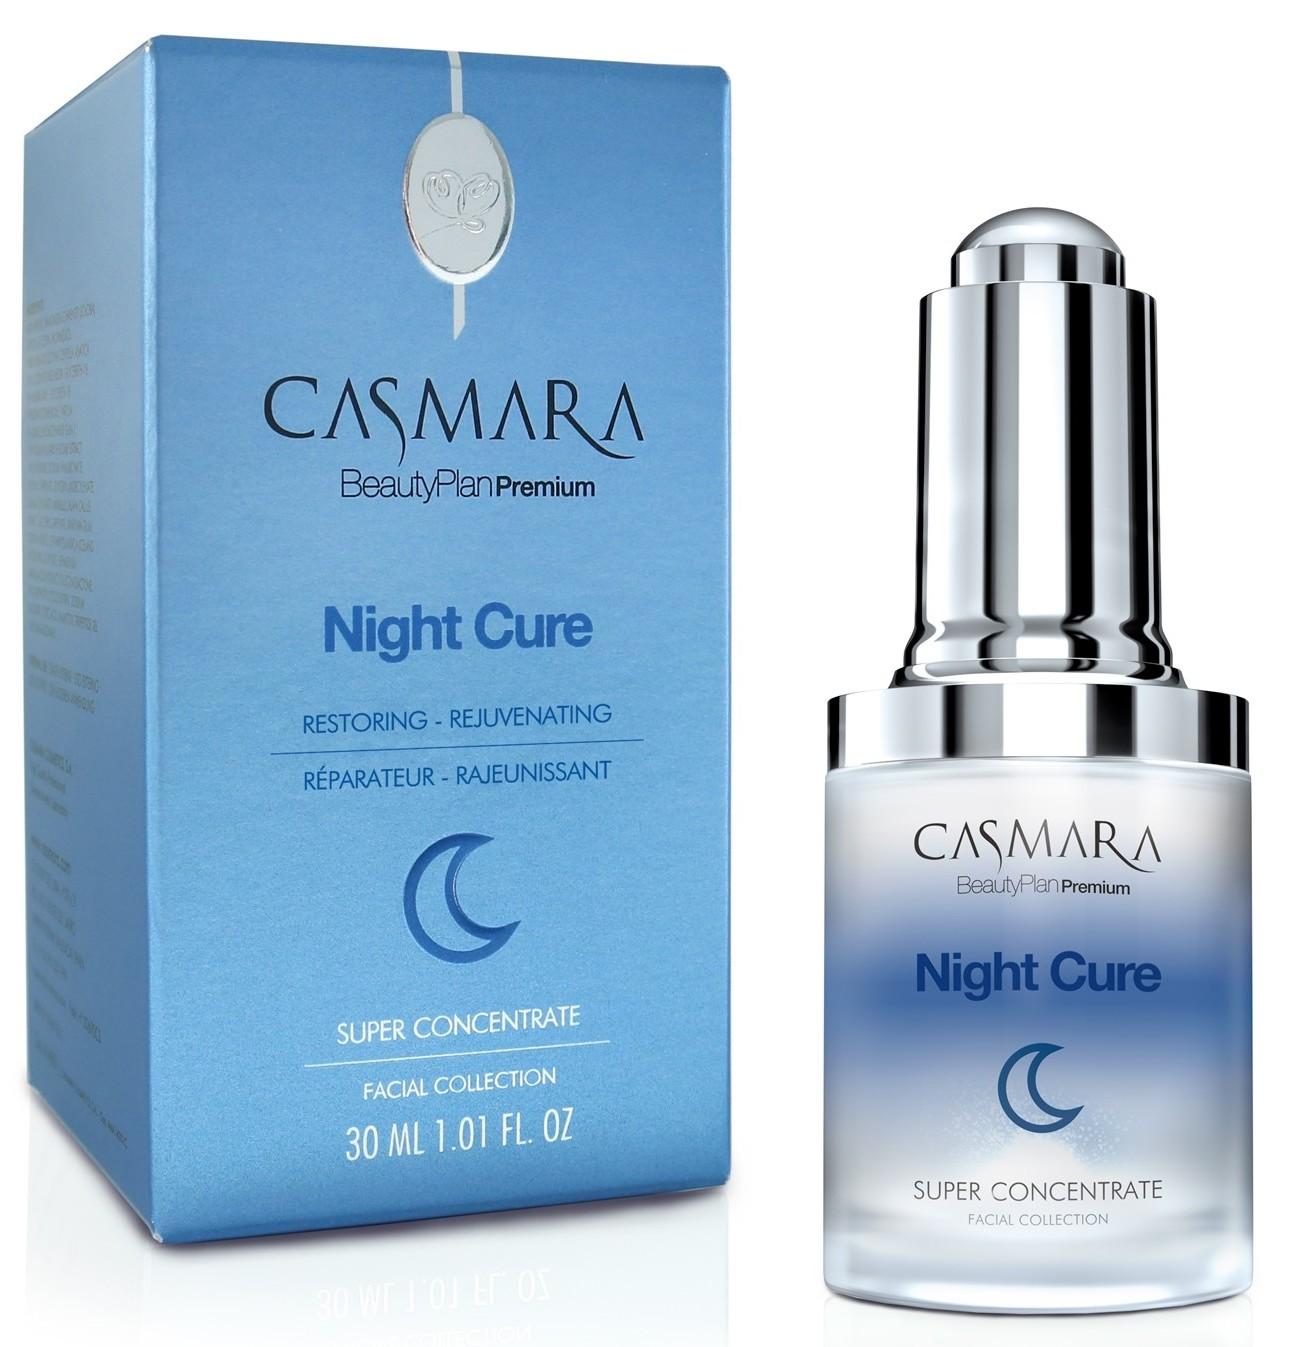 CASMARA Суперконцентрат для лица Ночное восстановление 30 мл